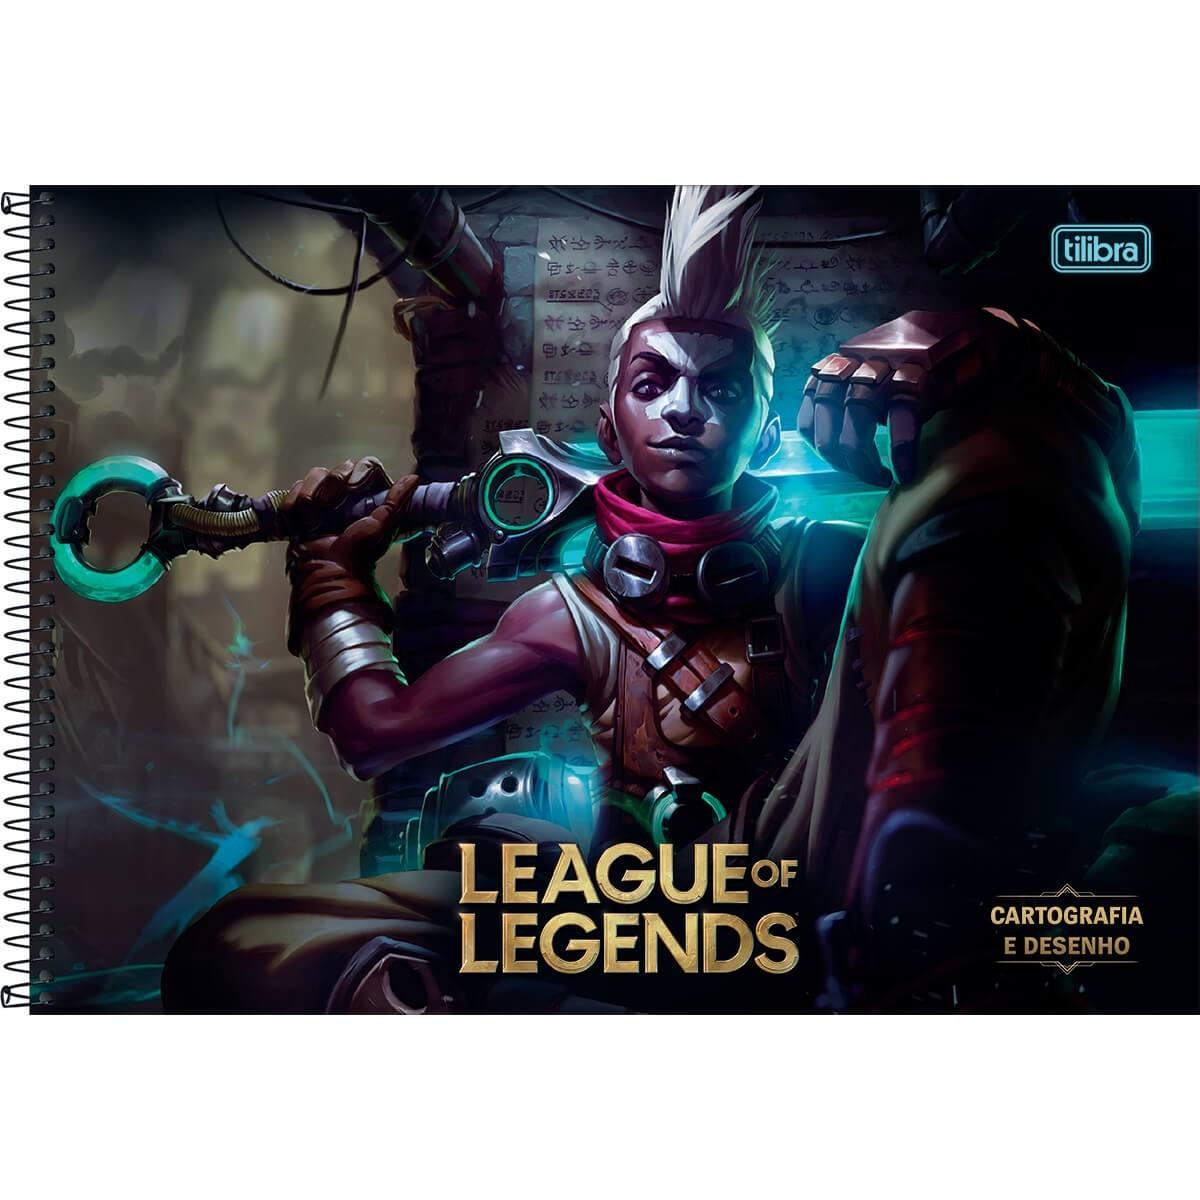 Caderno de Cartografia e Desenho Espiral Capa Dura League of Legends Ekko 80 Folhas